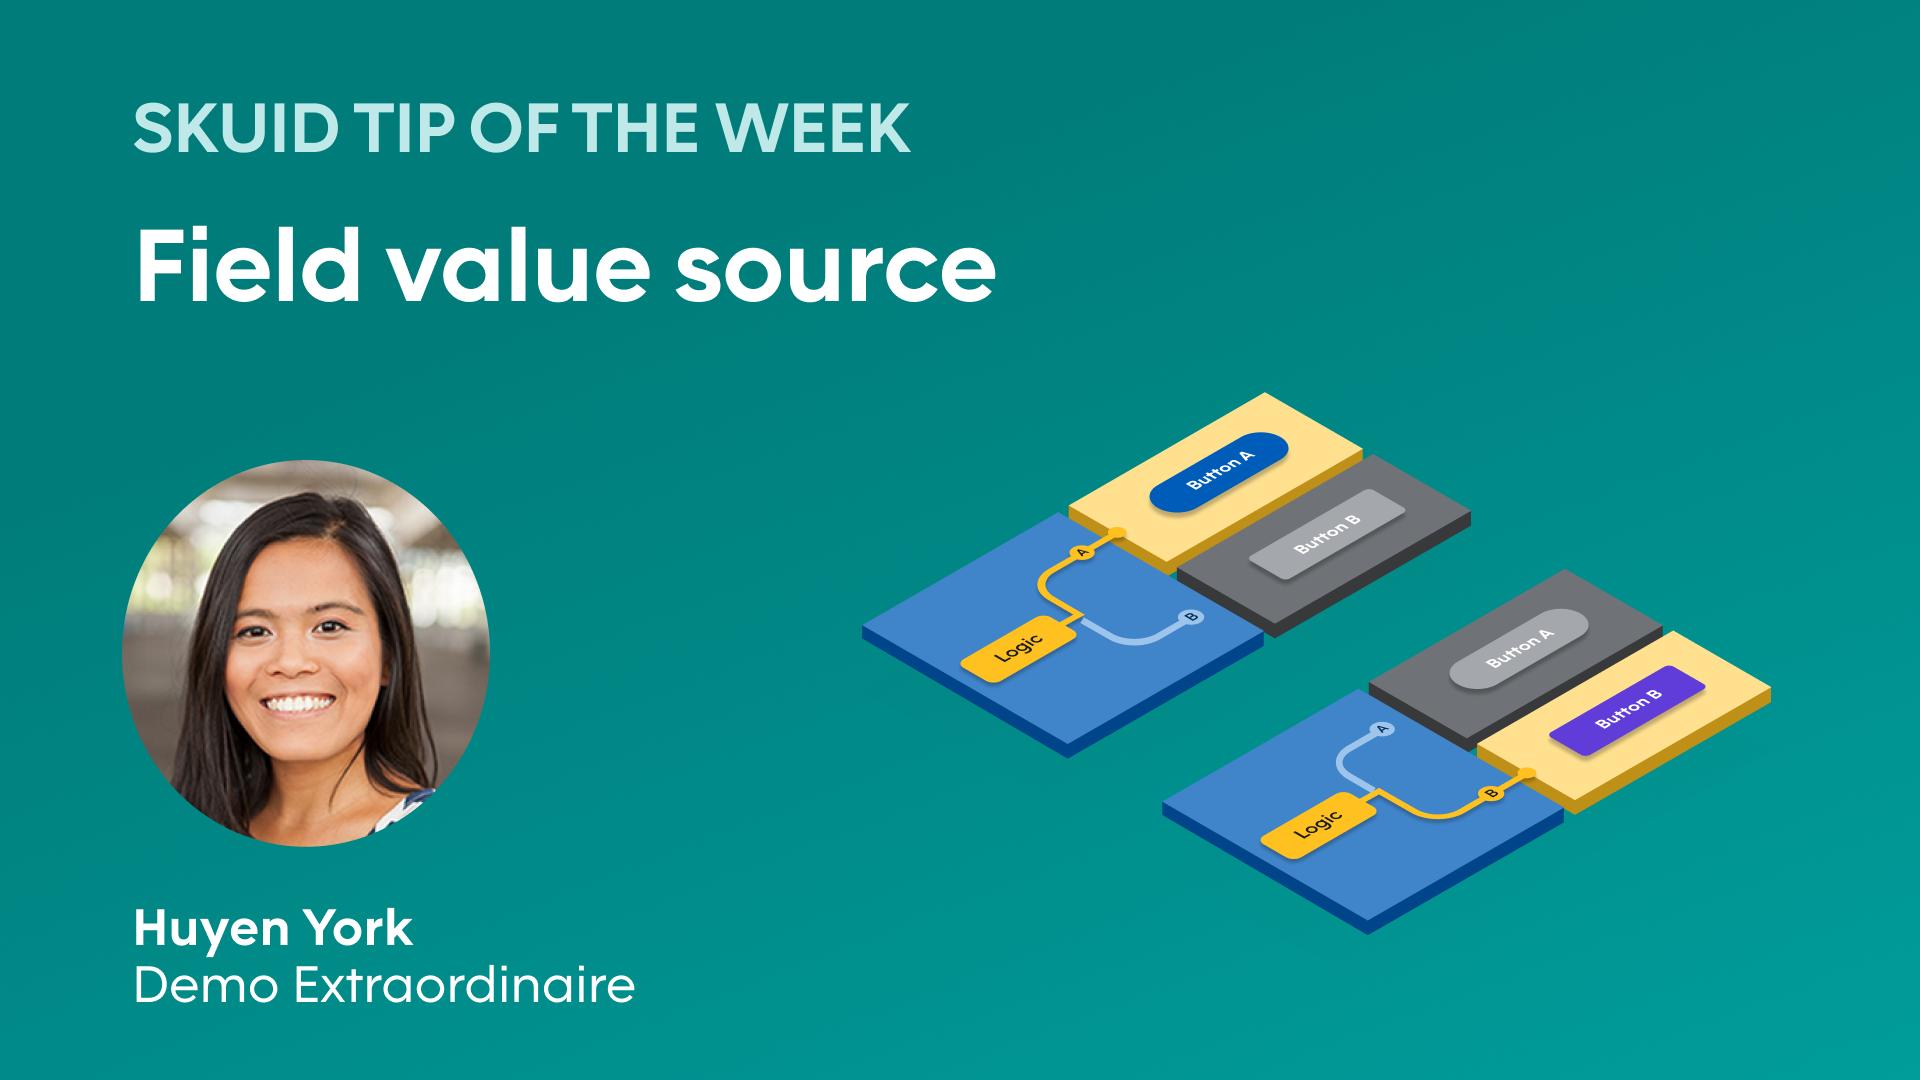 Skuid tip of the week | Field value source - Huyen York, Skuid Extraordinaire